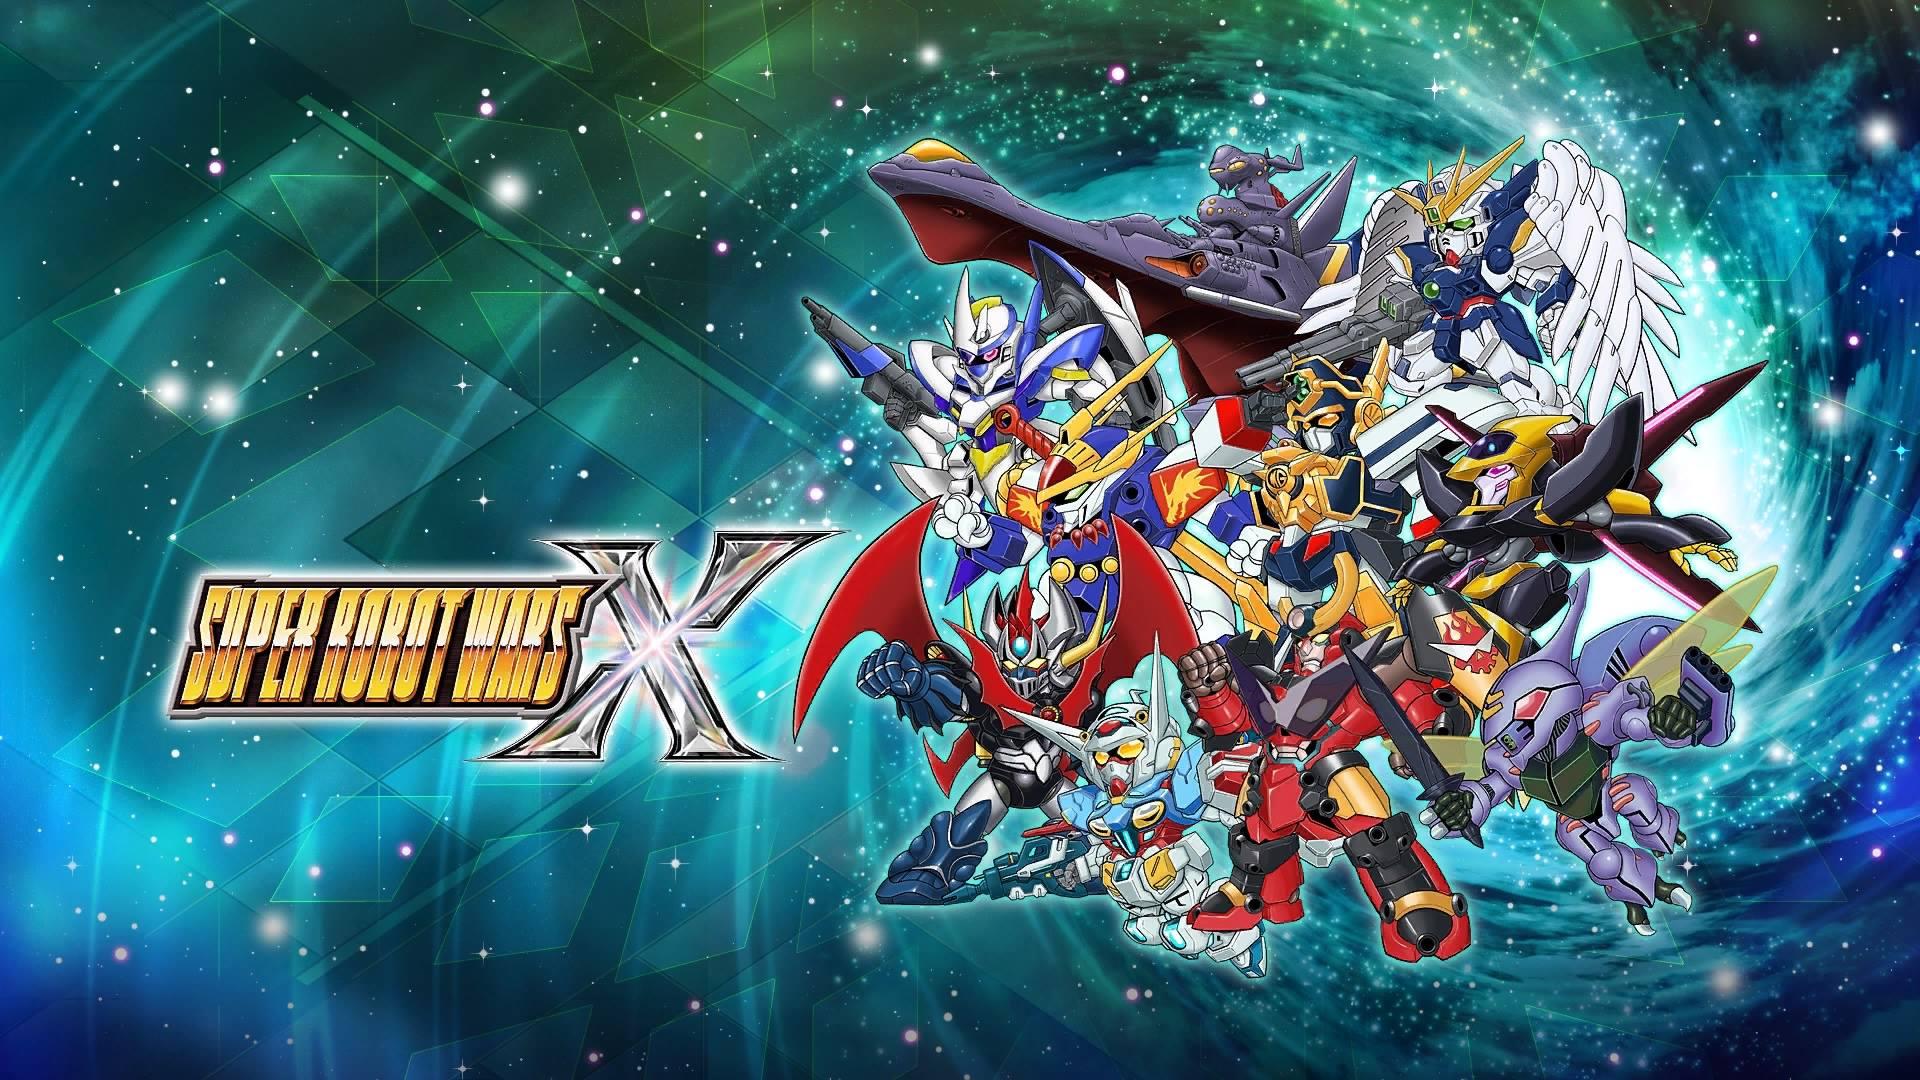 [Switch] Super Robot Wars X confirmado para um lançamento na Ásia em janeiro de 2020, jogo terá suporte ao inglês